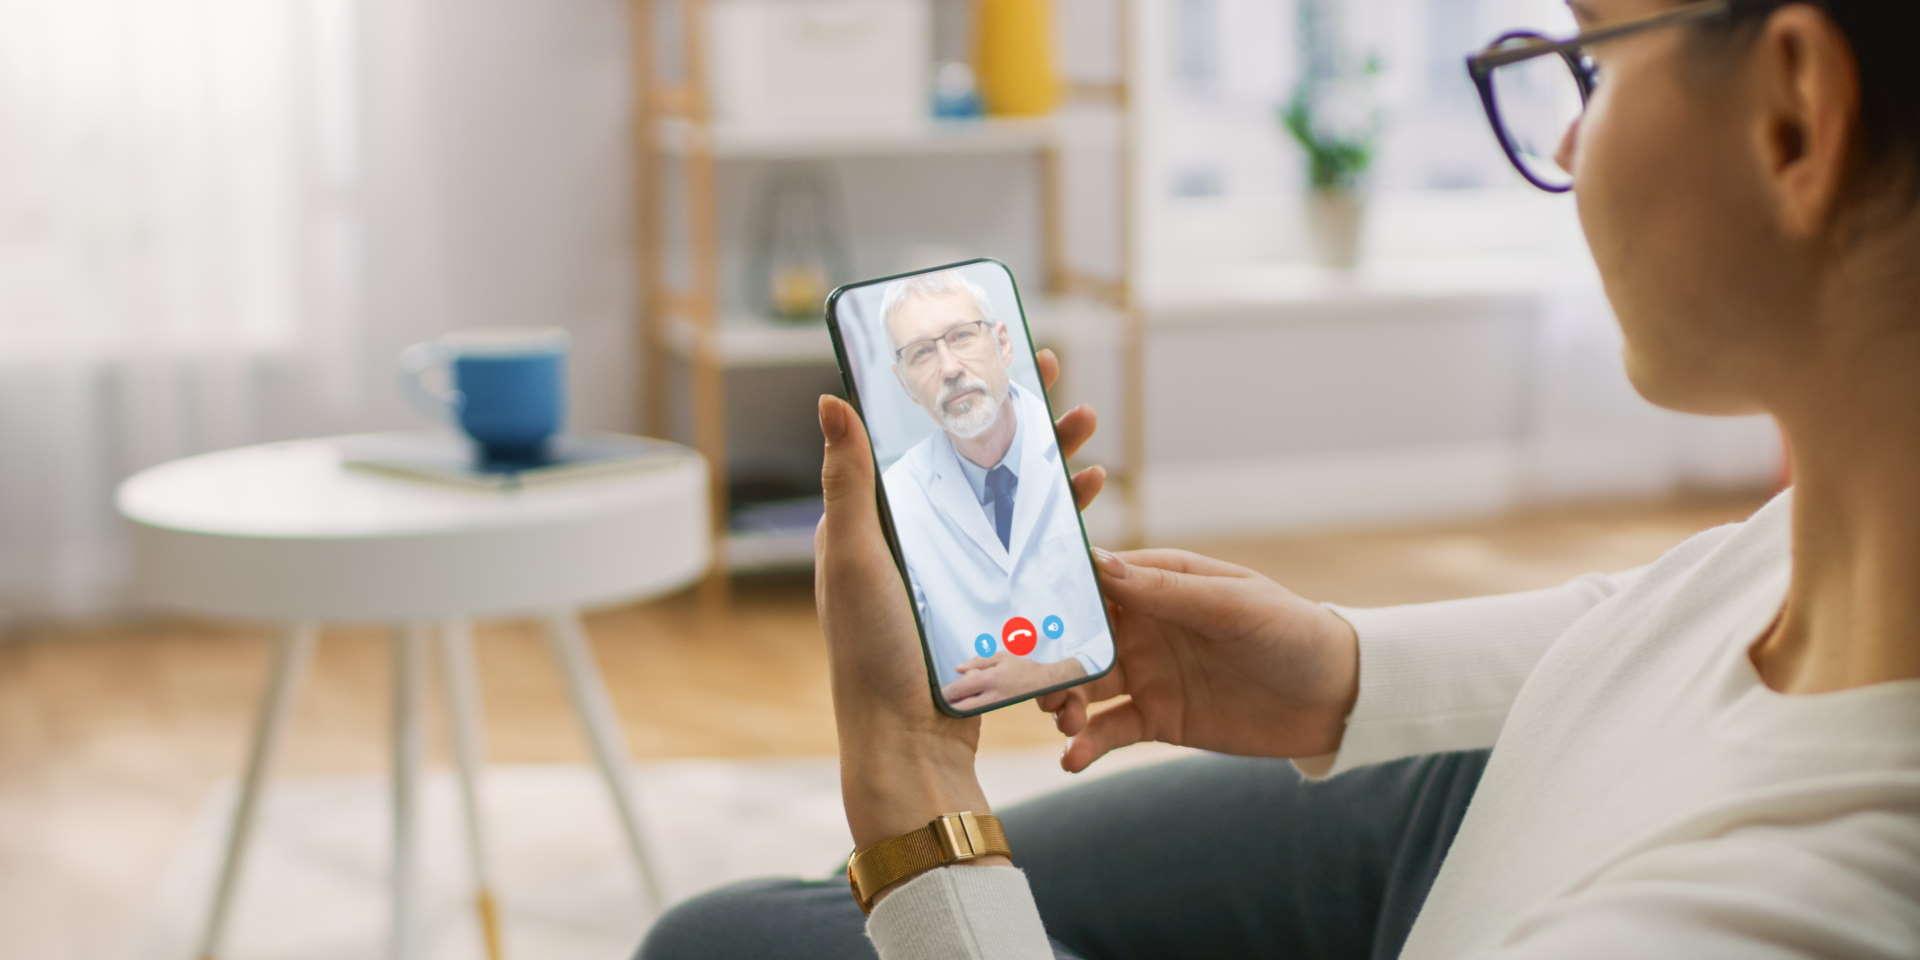 L'e-santé, un secteur d'avenir en forte croissance